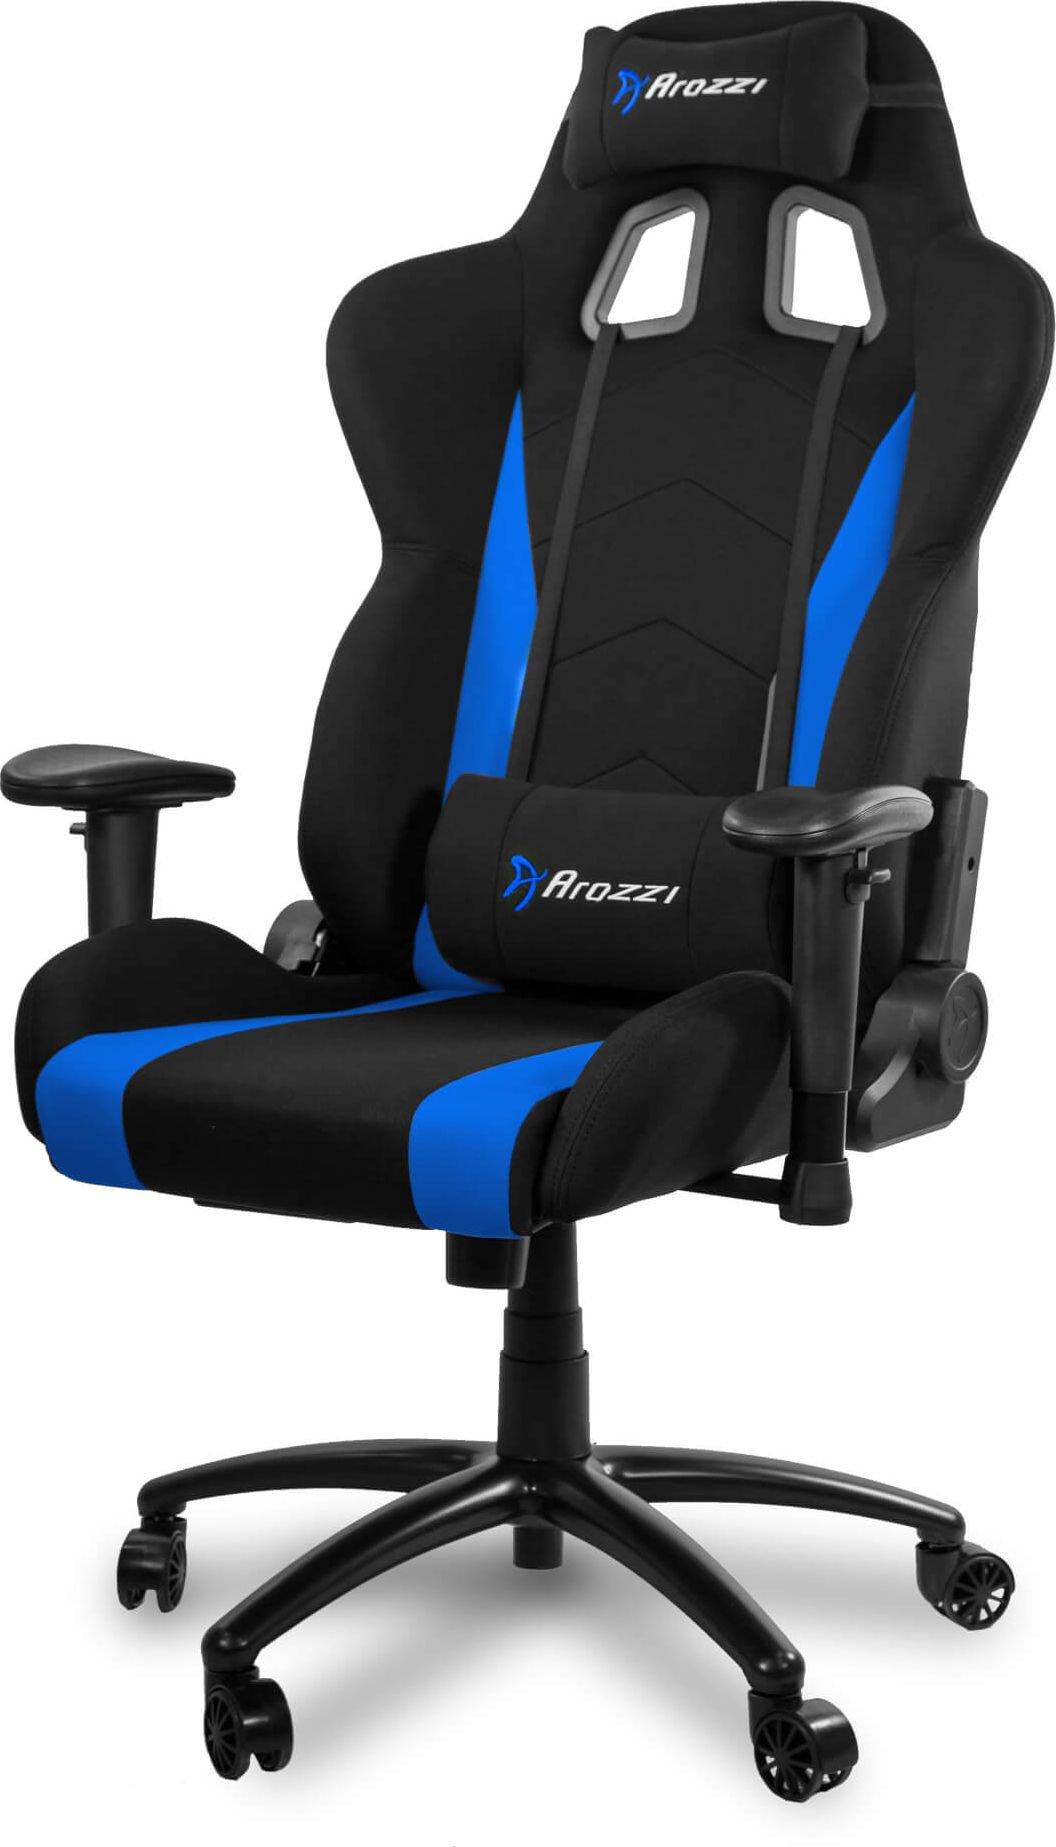 Arozzi Inizio Gaming Chair - Blue 769498679012 datorkrēsls, spēļukrēsls